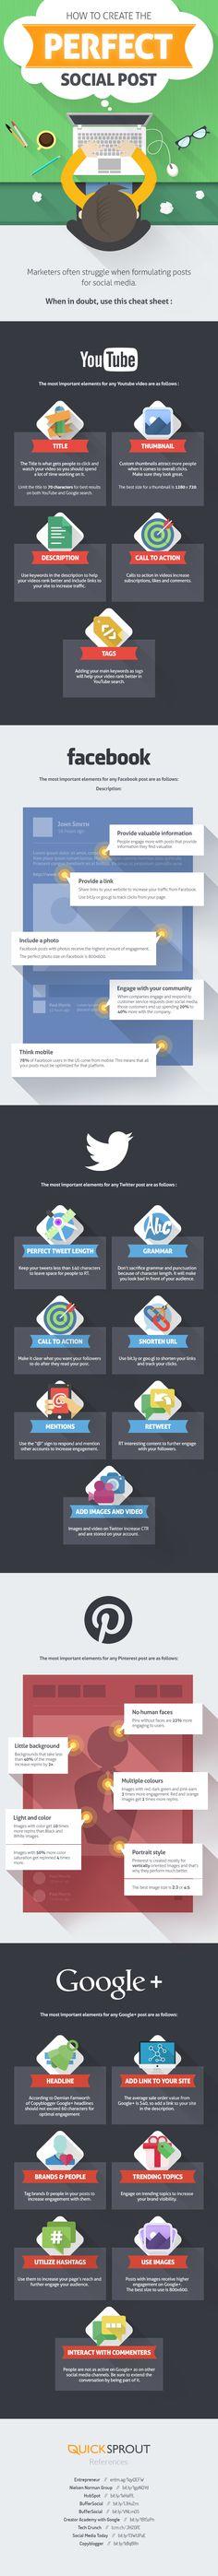 Hola: Una infografía sobre cómo crear el post perfecto para cada red social. Un saludo Courtesy of: Quick Sprout